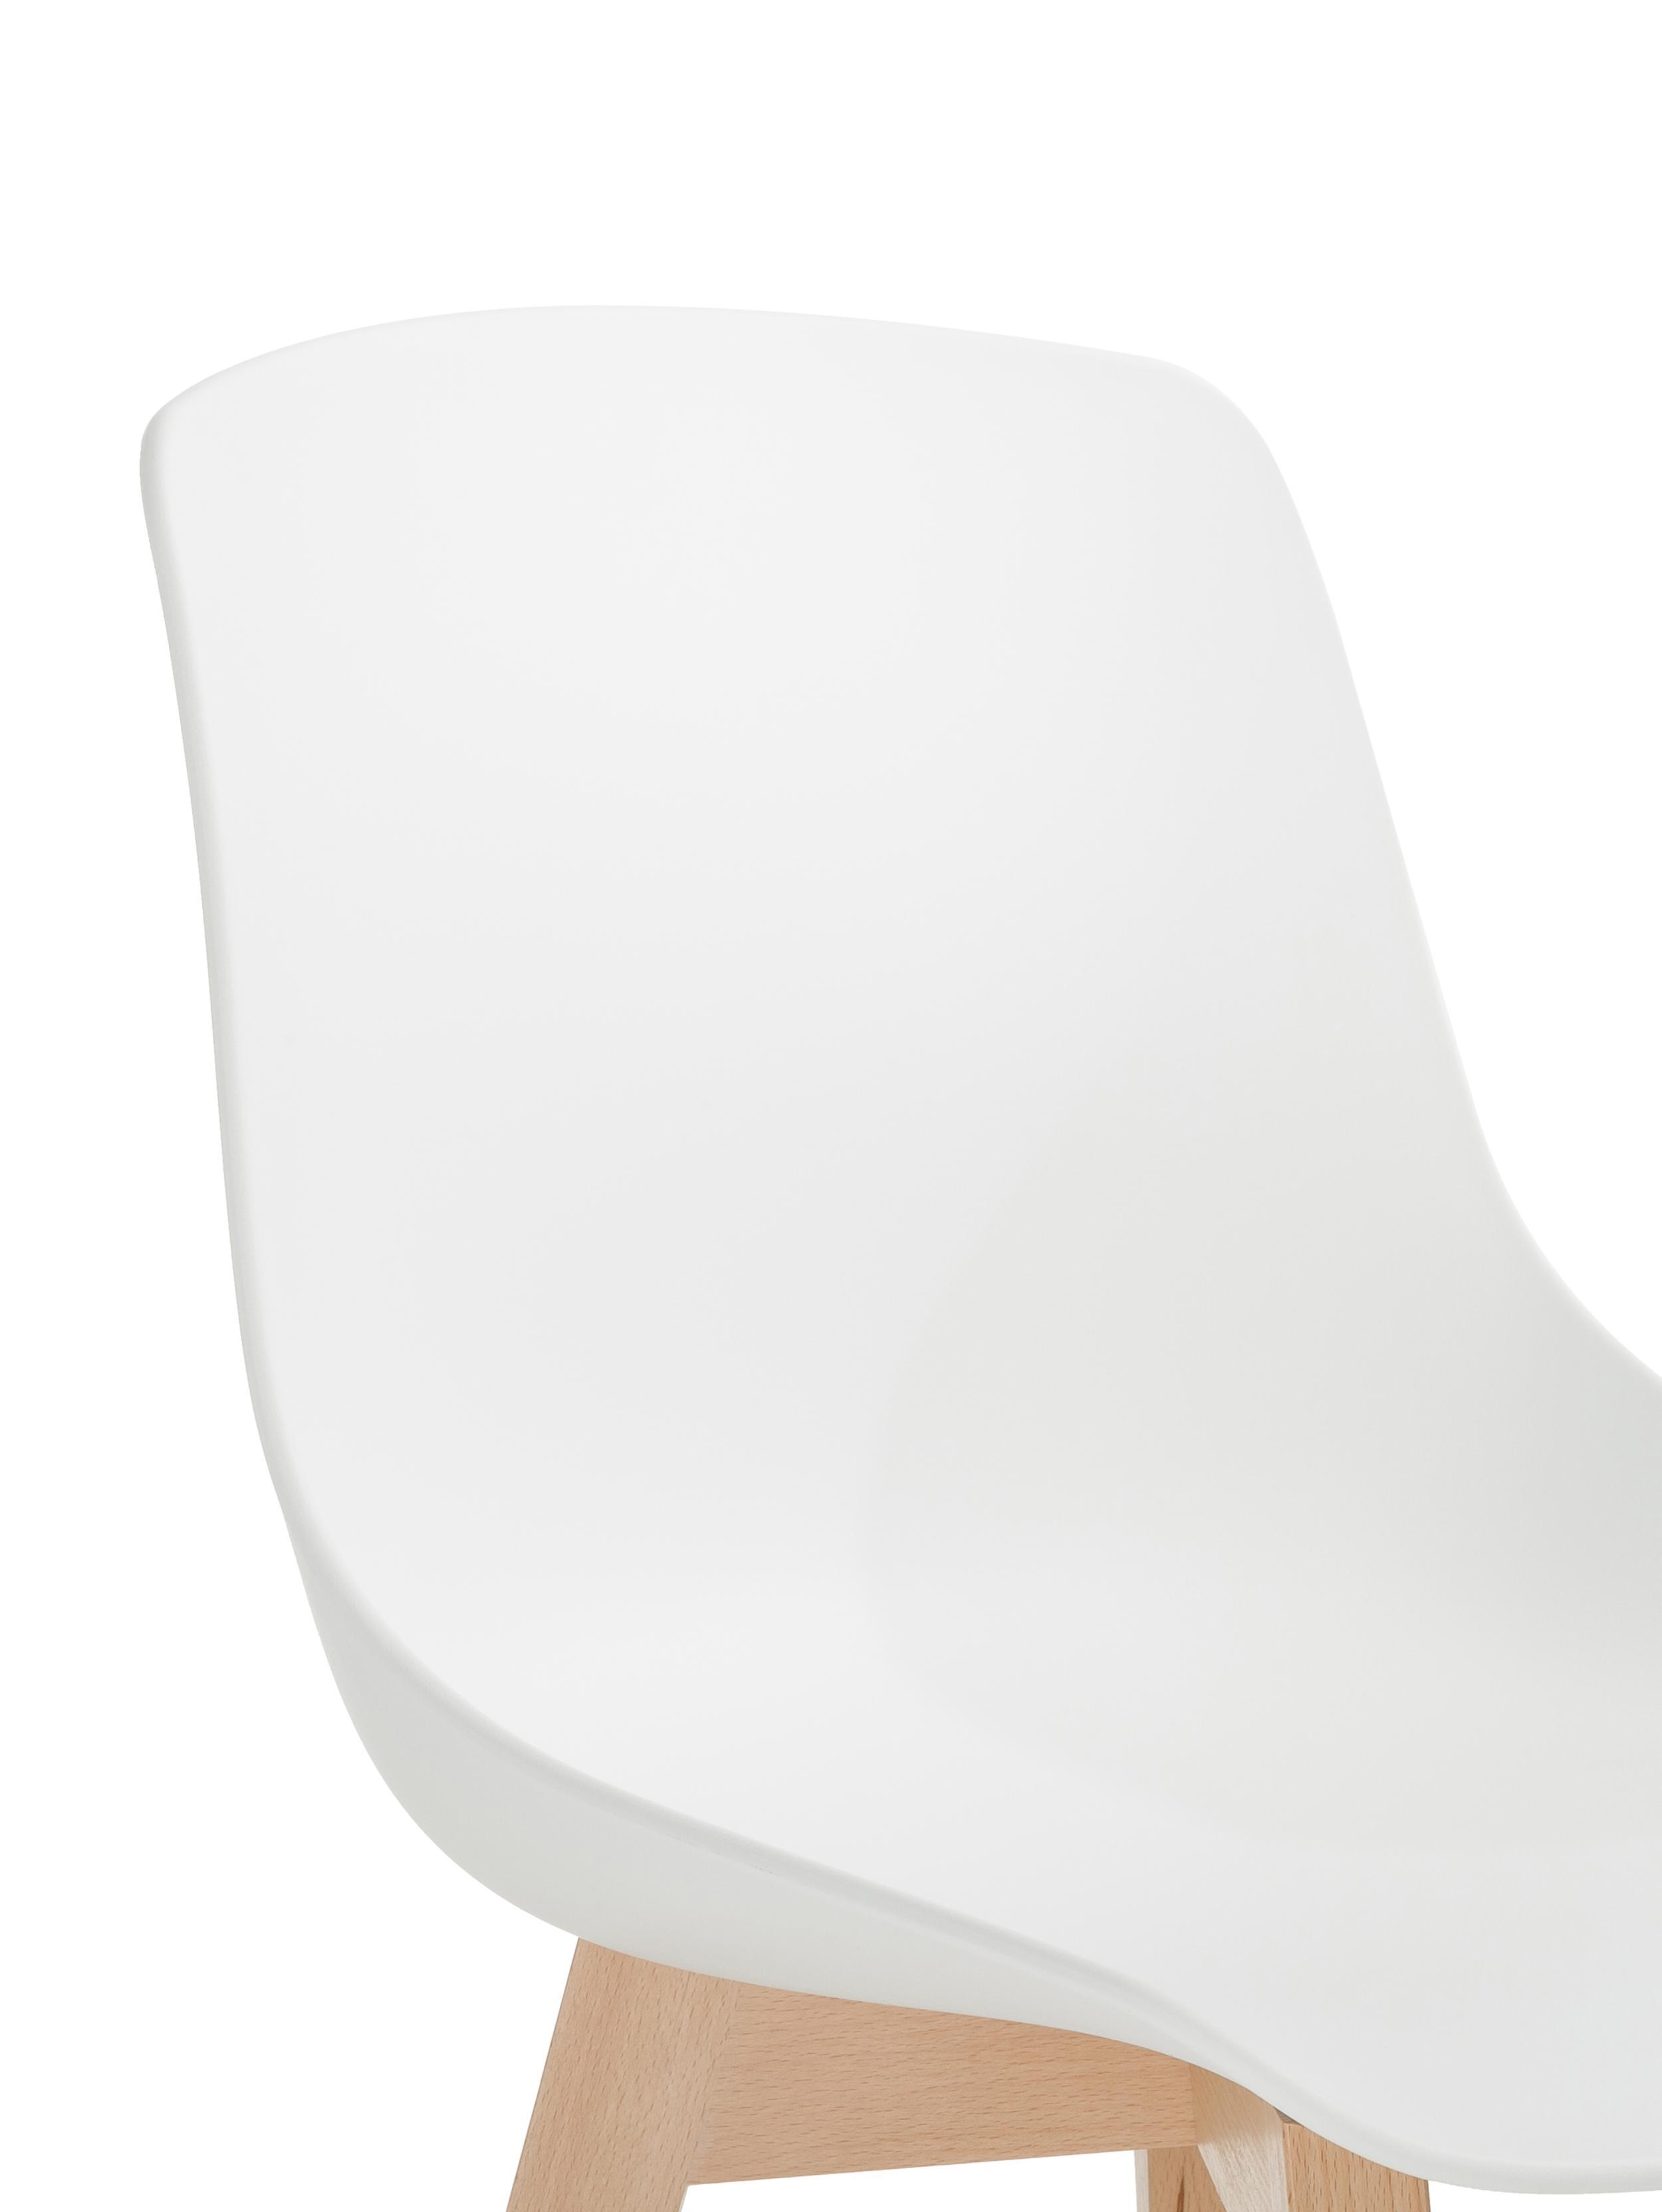 Kunststoffstühle Dave mit Holzbeinen, 2 Stück, Sitzschale: Kunststoff, Beine: Buchenholz, Weiß, B 46 x T 52 cm